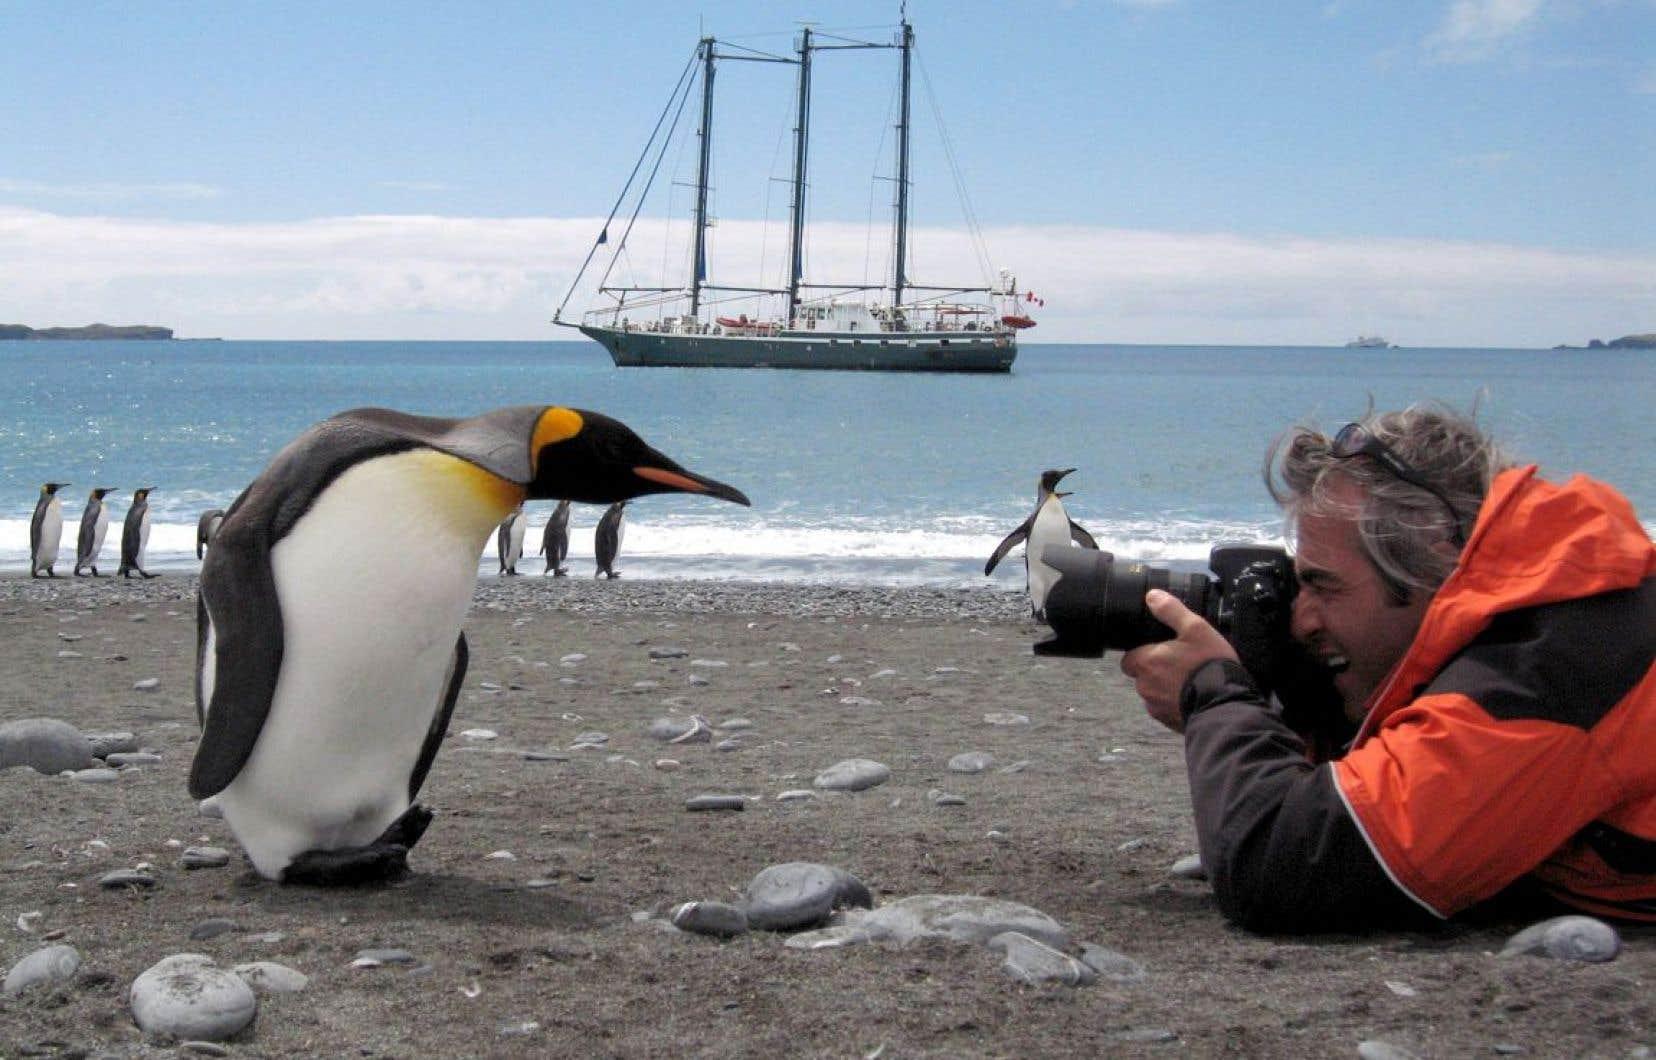 Le voilier océanographique «Sedna IV» est une plateforme scientifique pour les chercheurs du Québec et des quatre coins du globe.